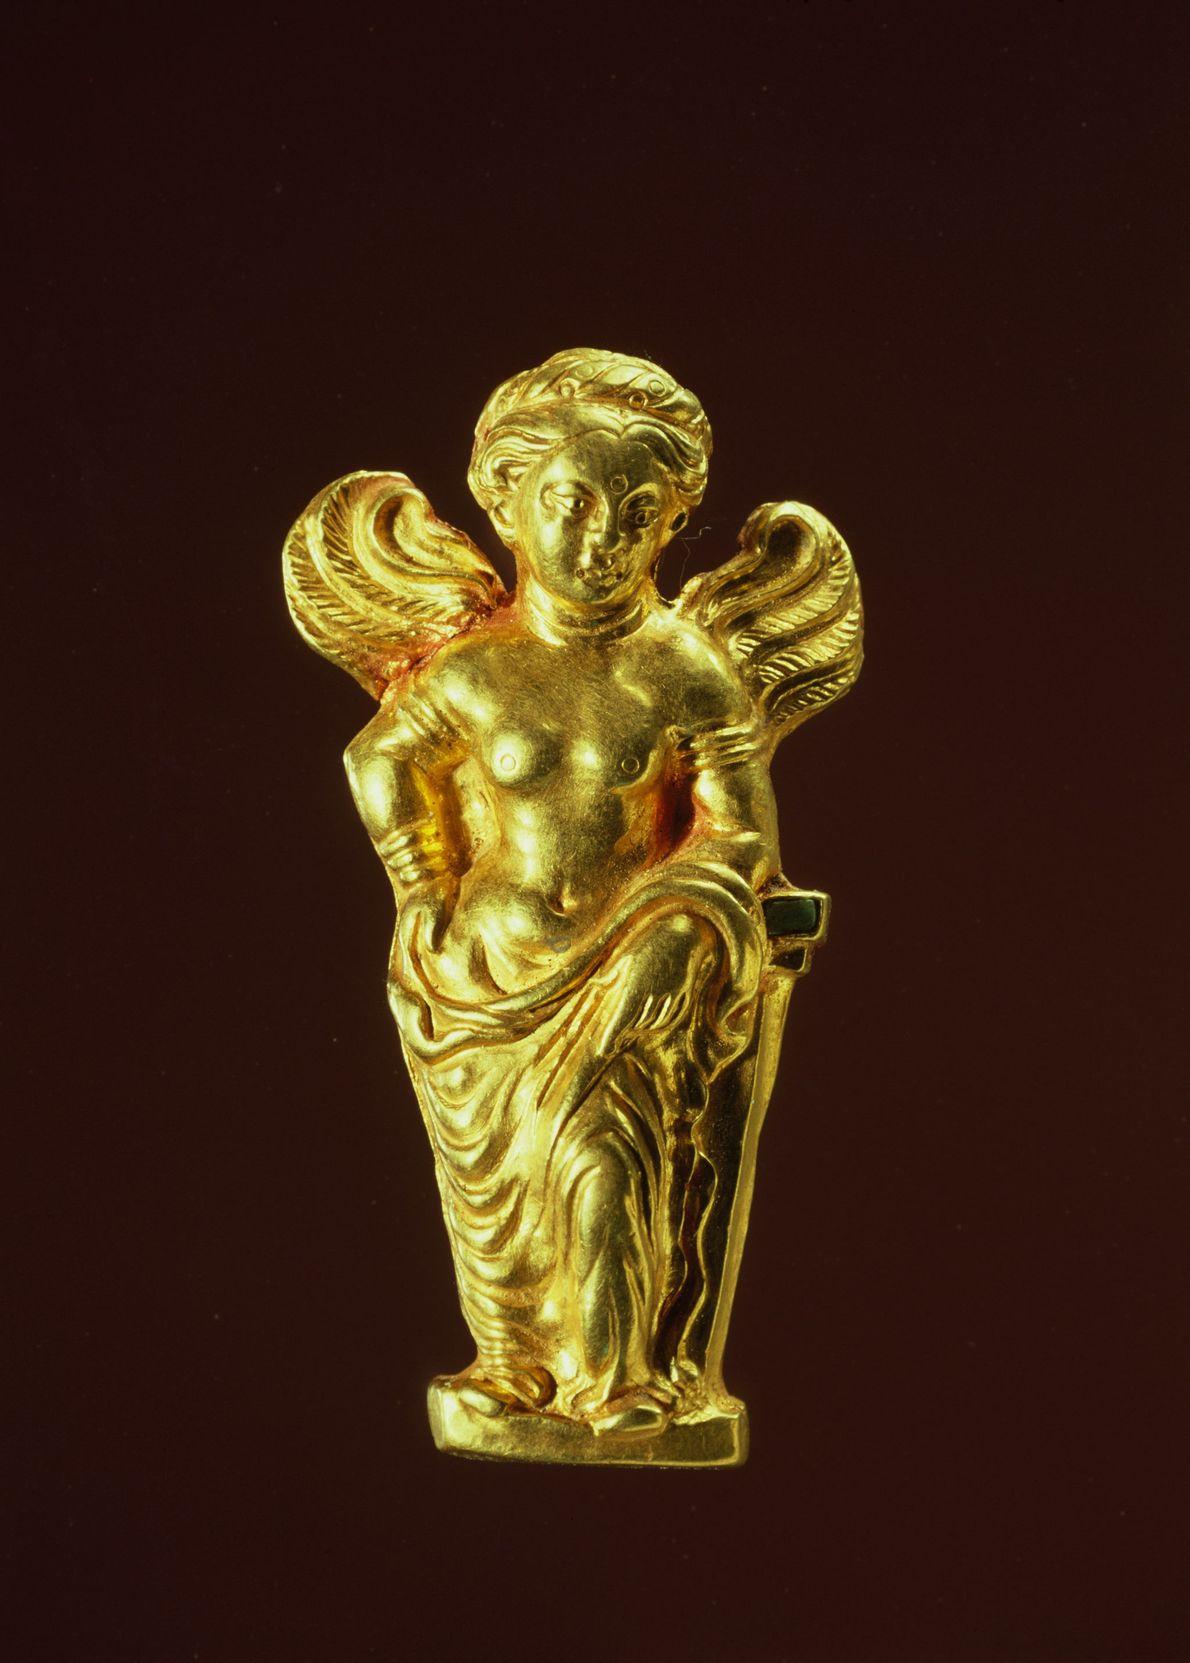 Cette figurine en or, représentant la déesse grecque de l'amour dont le front présente un tilak, ...